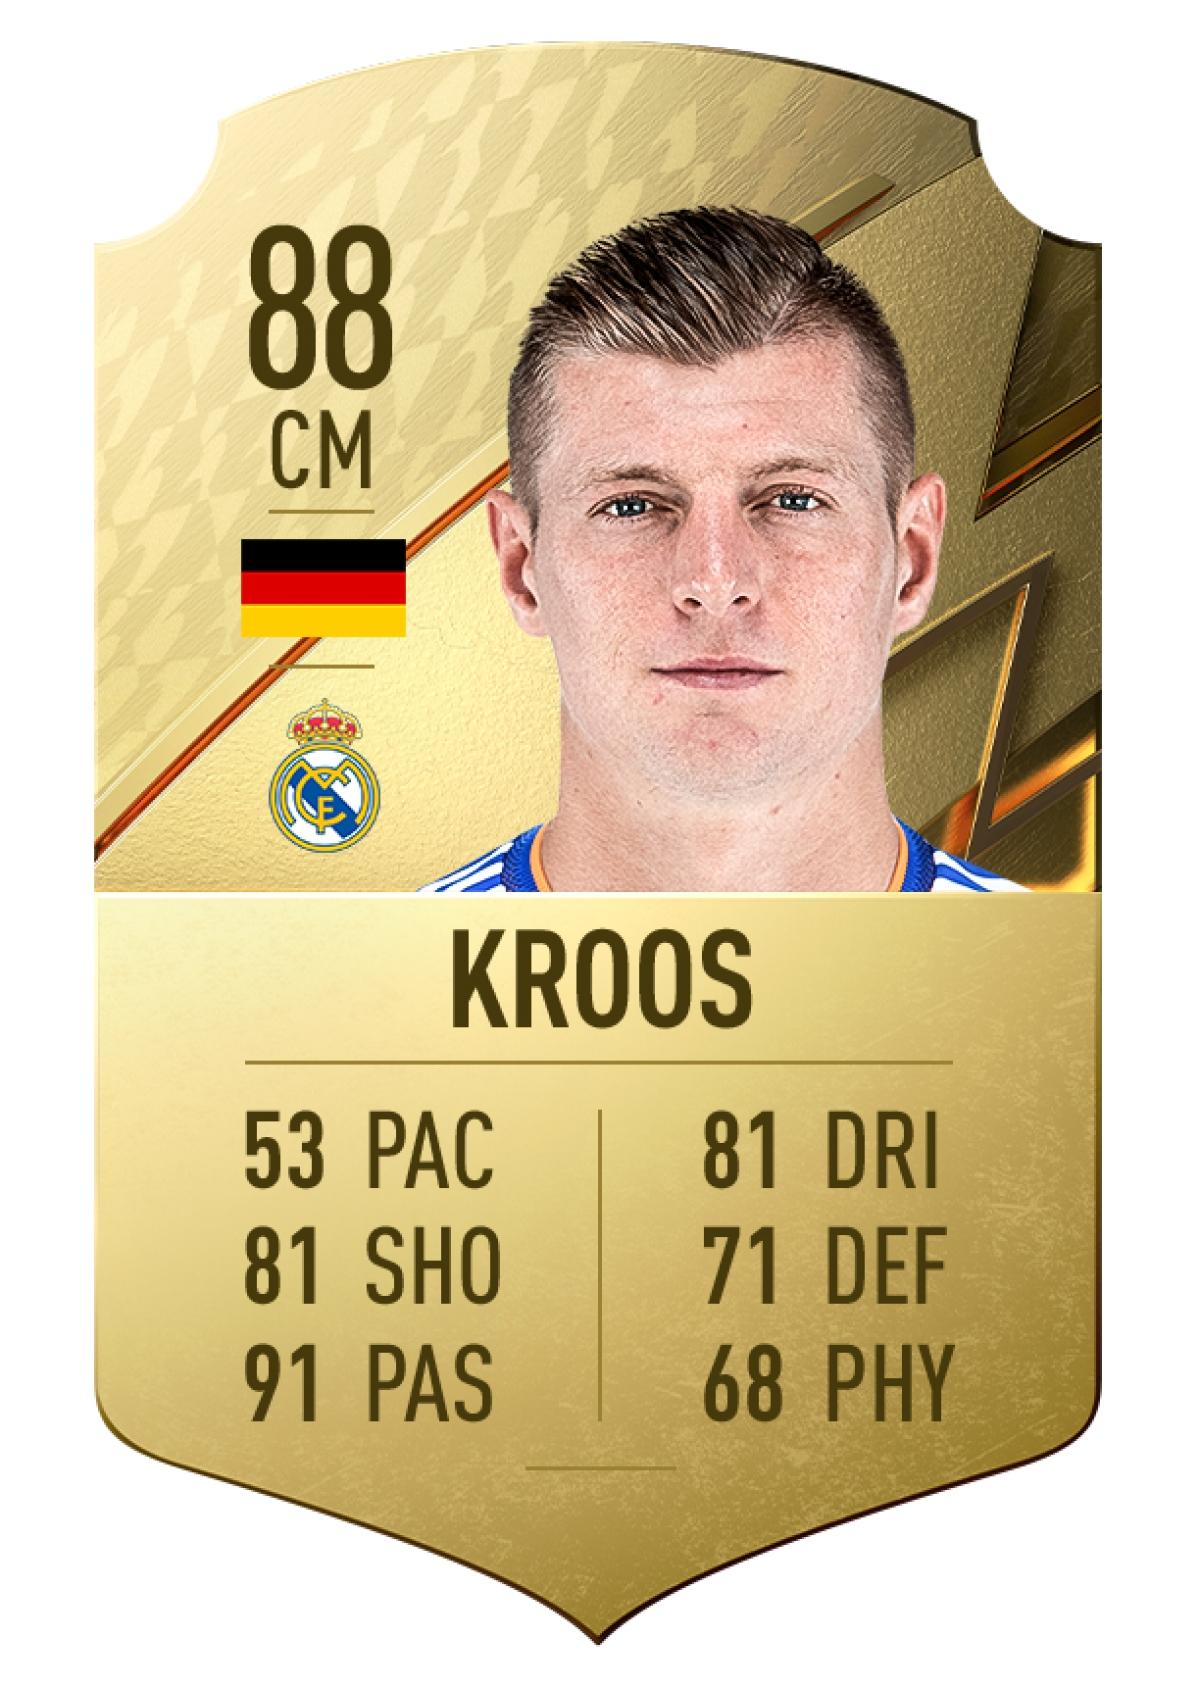 2. Toni Kroos   Real Madrid   Tiền vệ   Chỉ số chuyền bóng 91